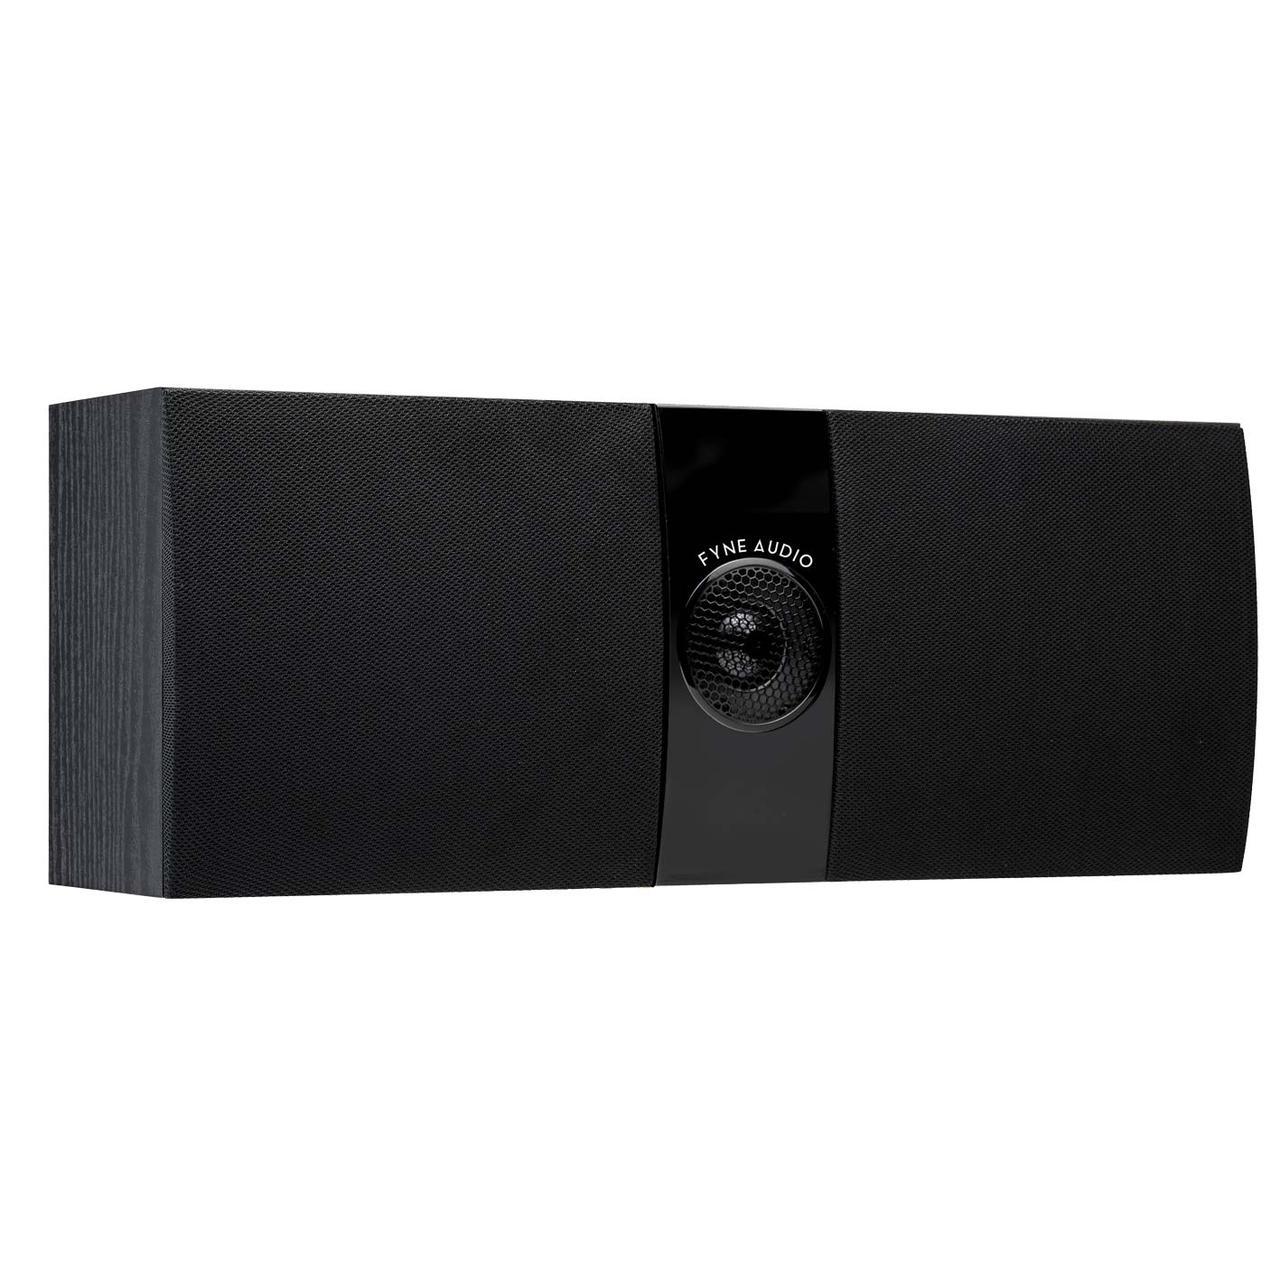 Акустические системы Fyne Audio F300LCR Black Ash